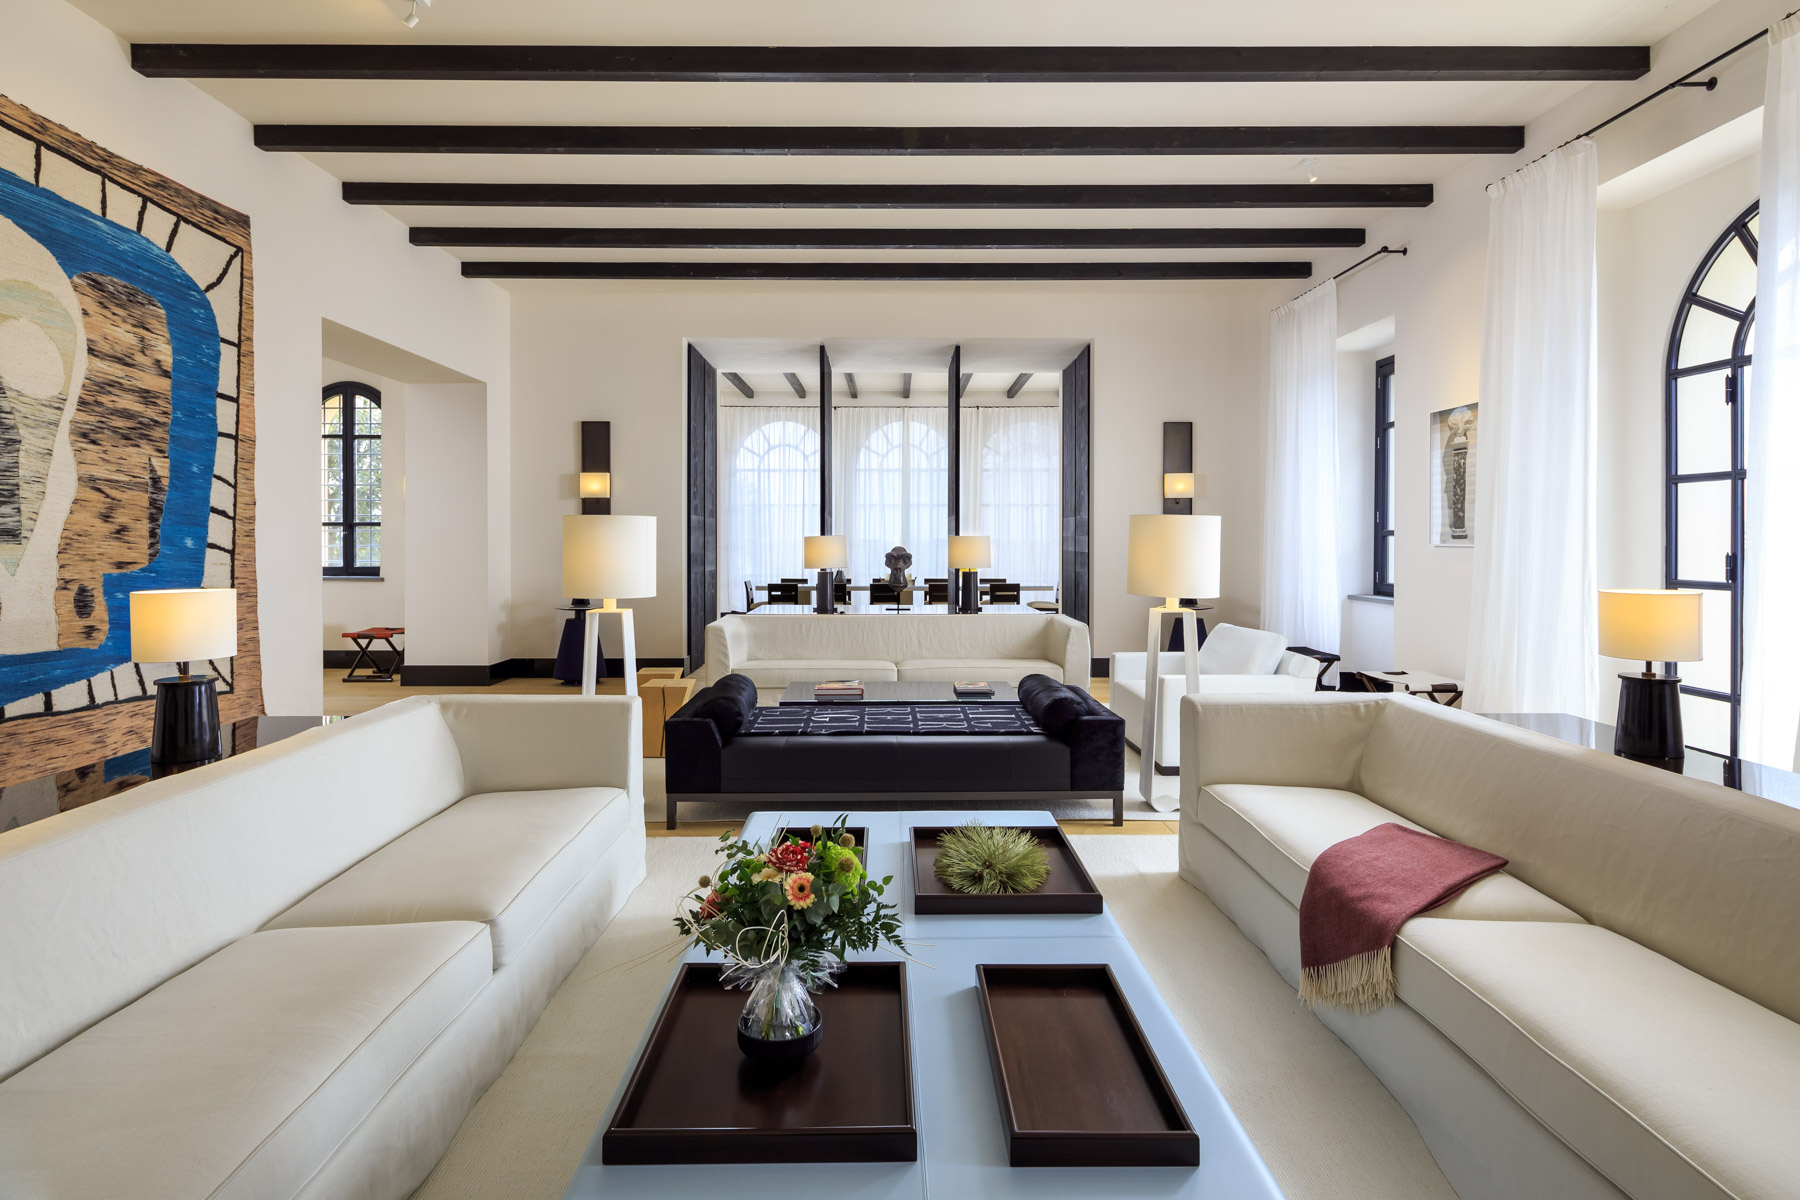 Villa in Vendita a Gubbio strada santa cristina